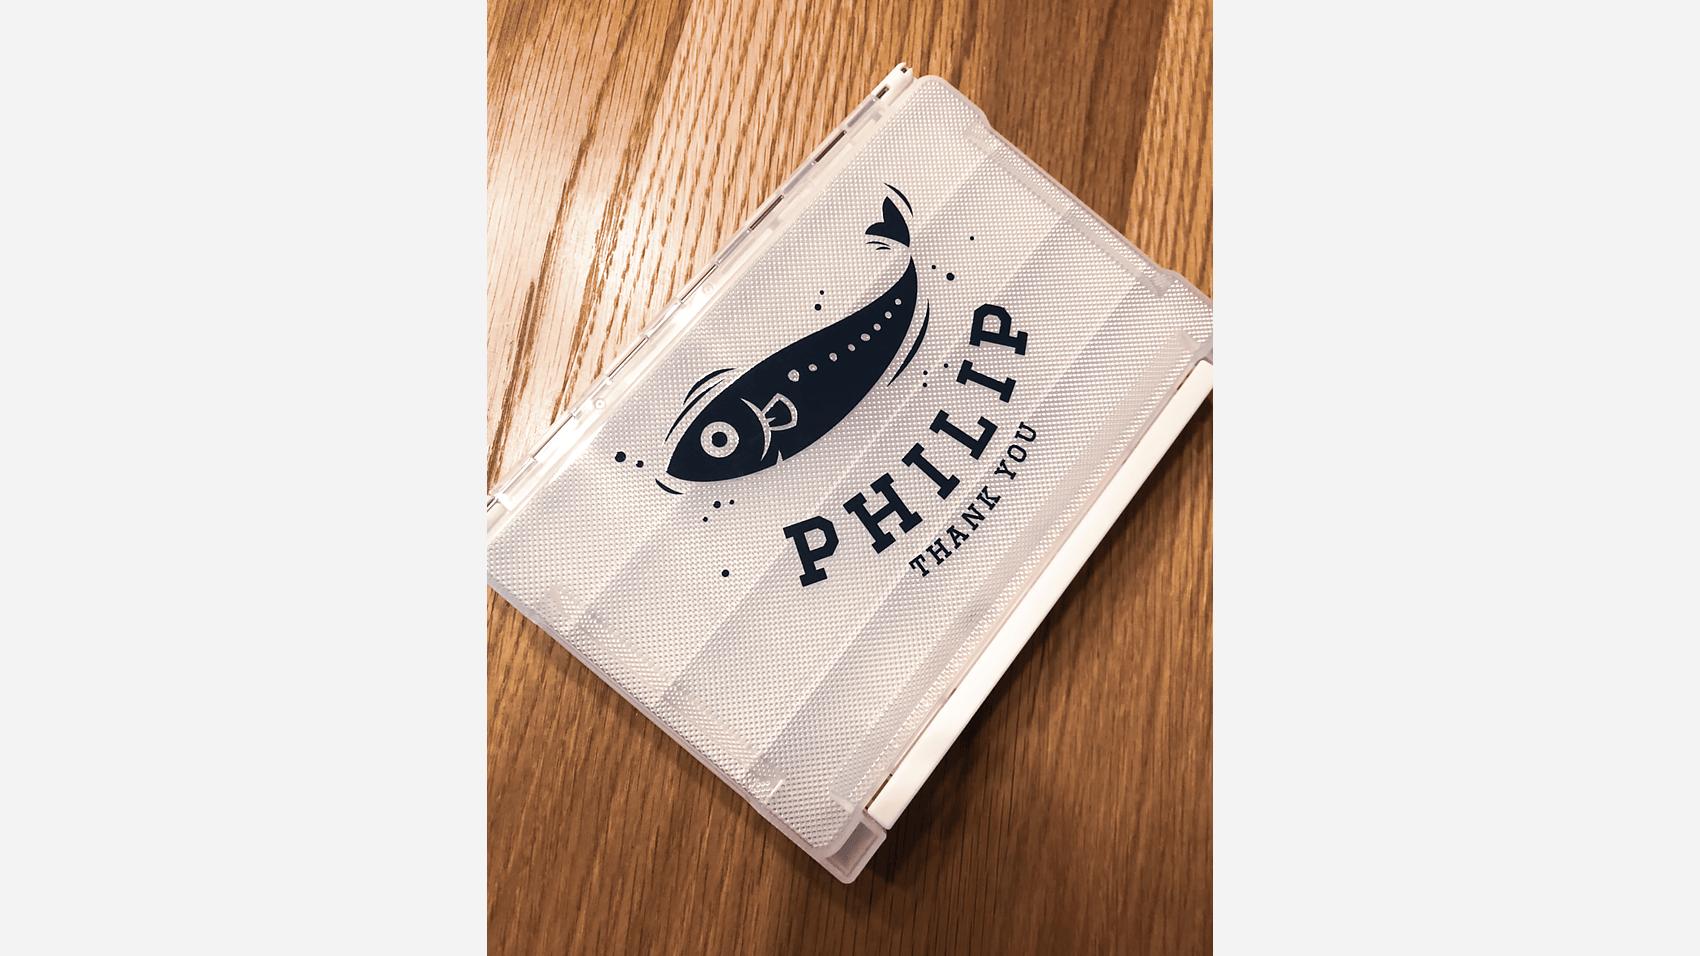 フィリップのロゴが入った釣具ケースその1